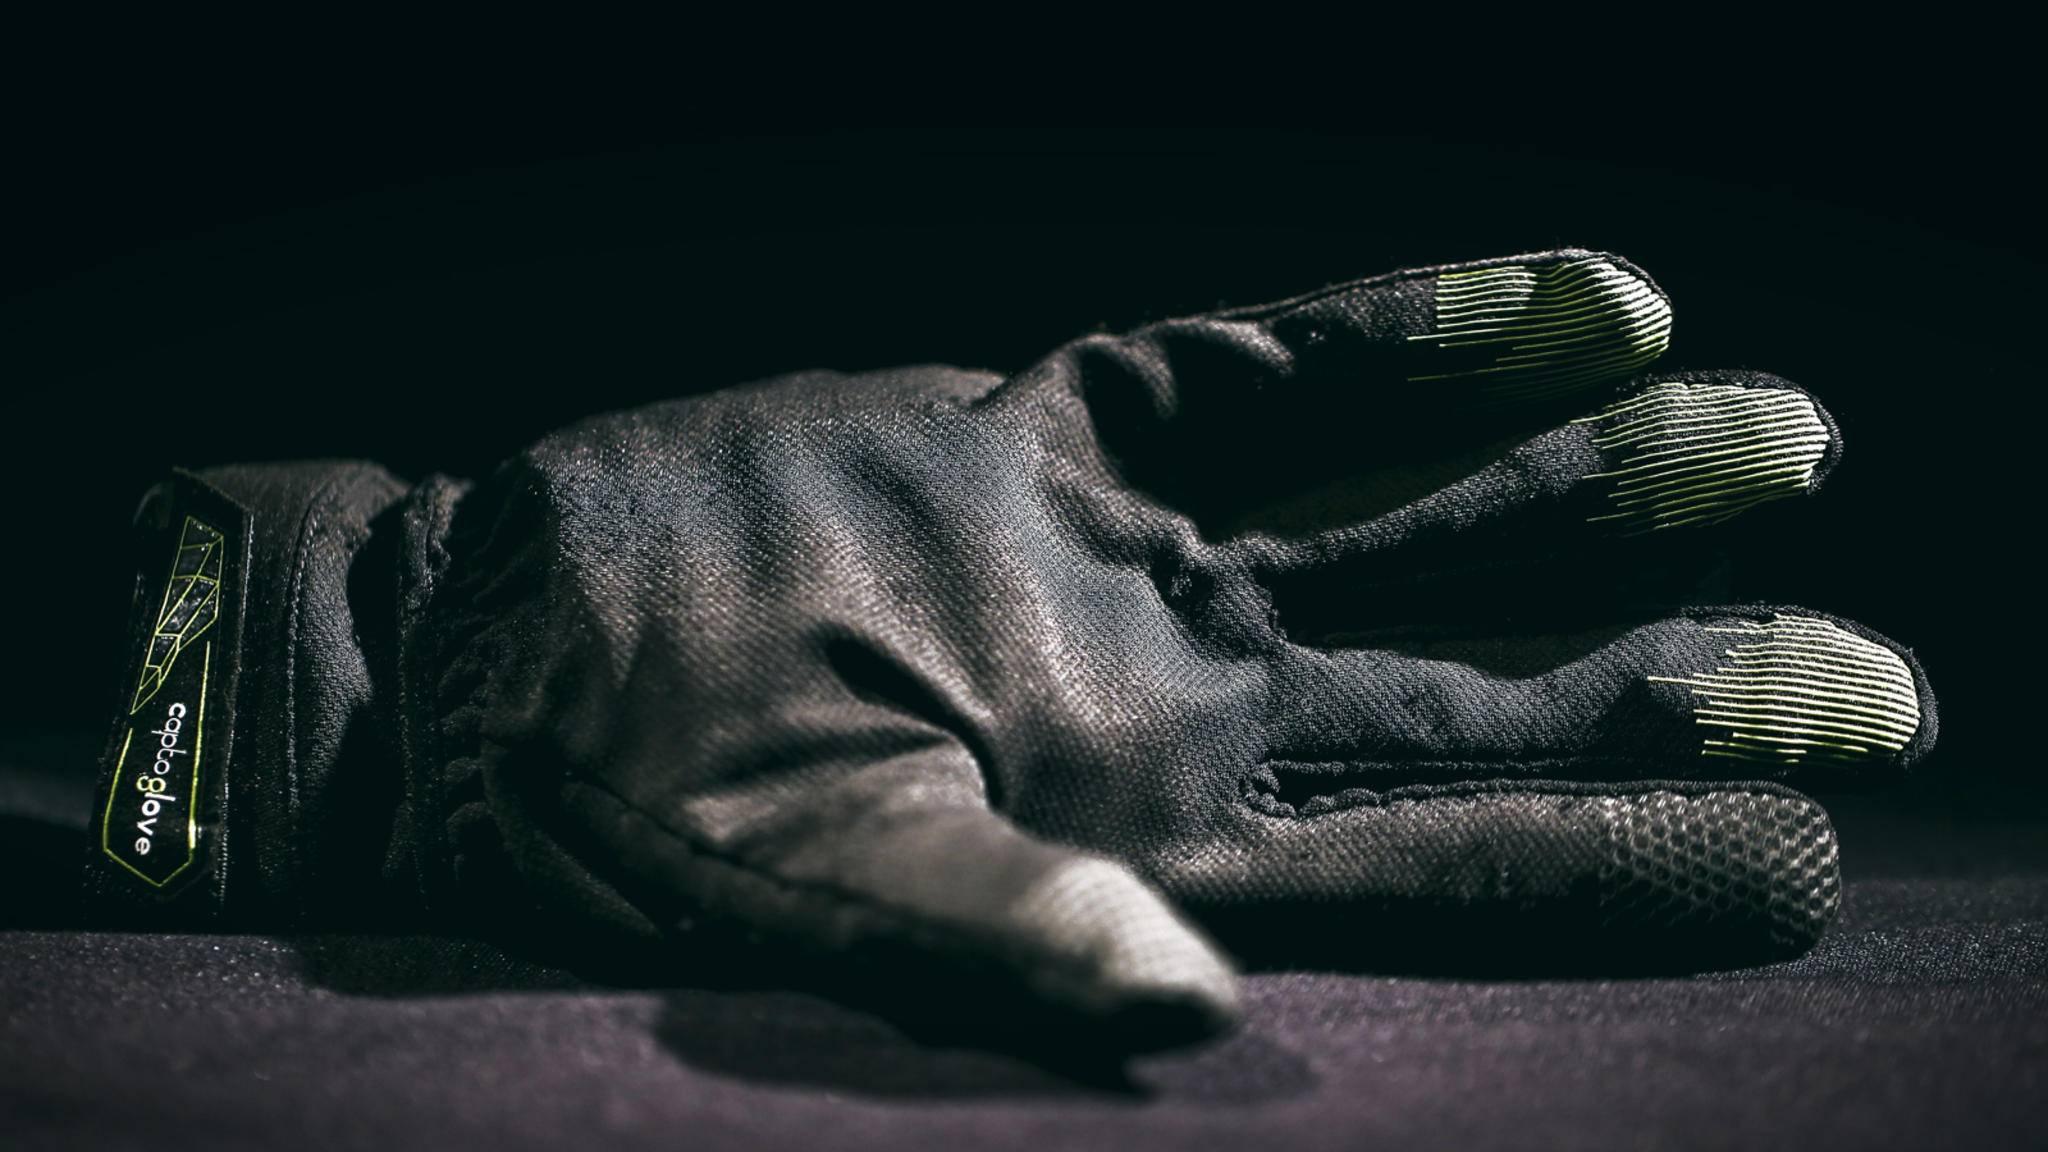 Mit dem Handschuh CaptoGlove sollen sich alle Spiele steuern lassen.